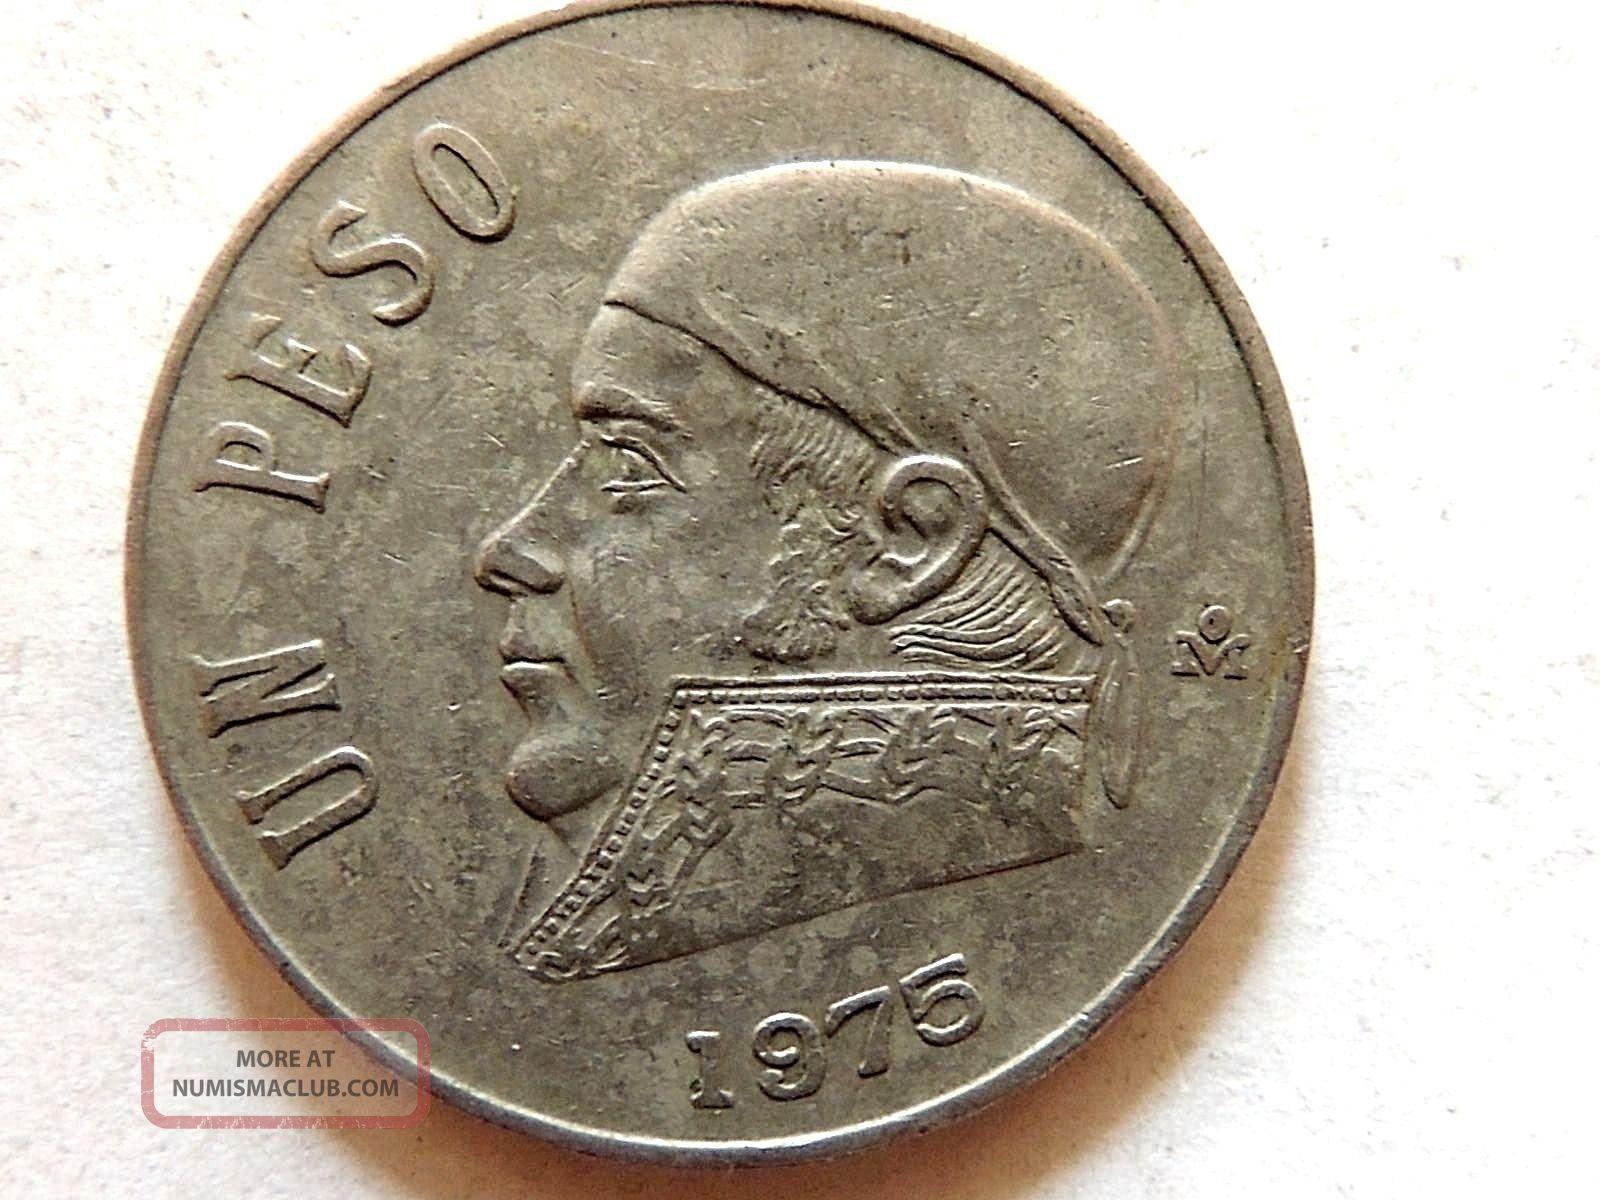 1975 Mexican Un 1 Peso Coin